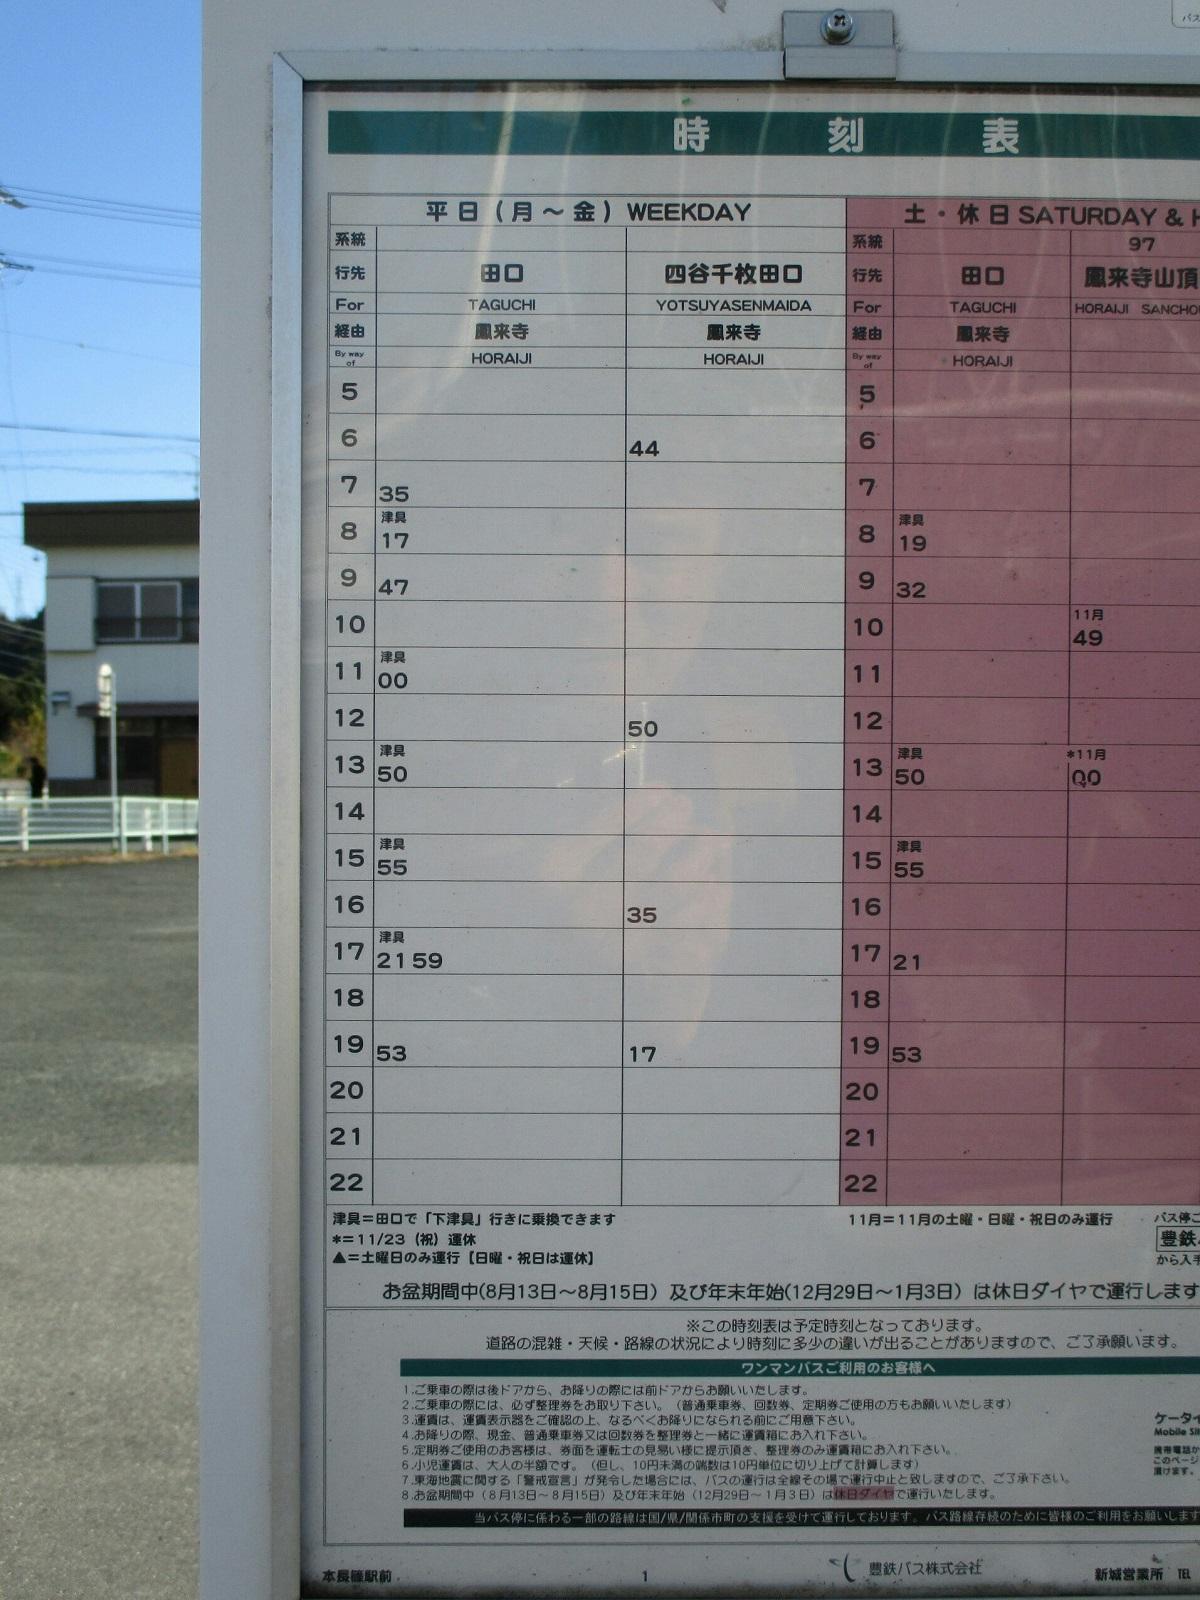 2018.12.14 (70) 本長篠駅前バス停 - 時刻表 1200-1600